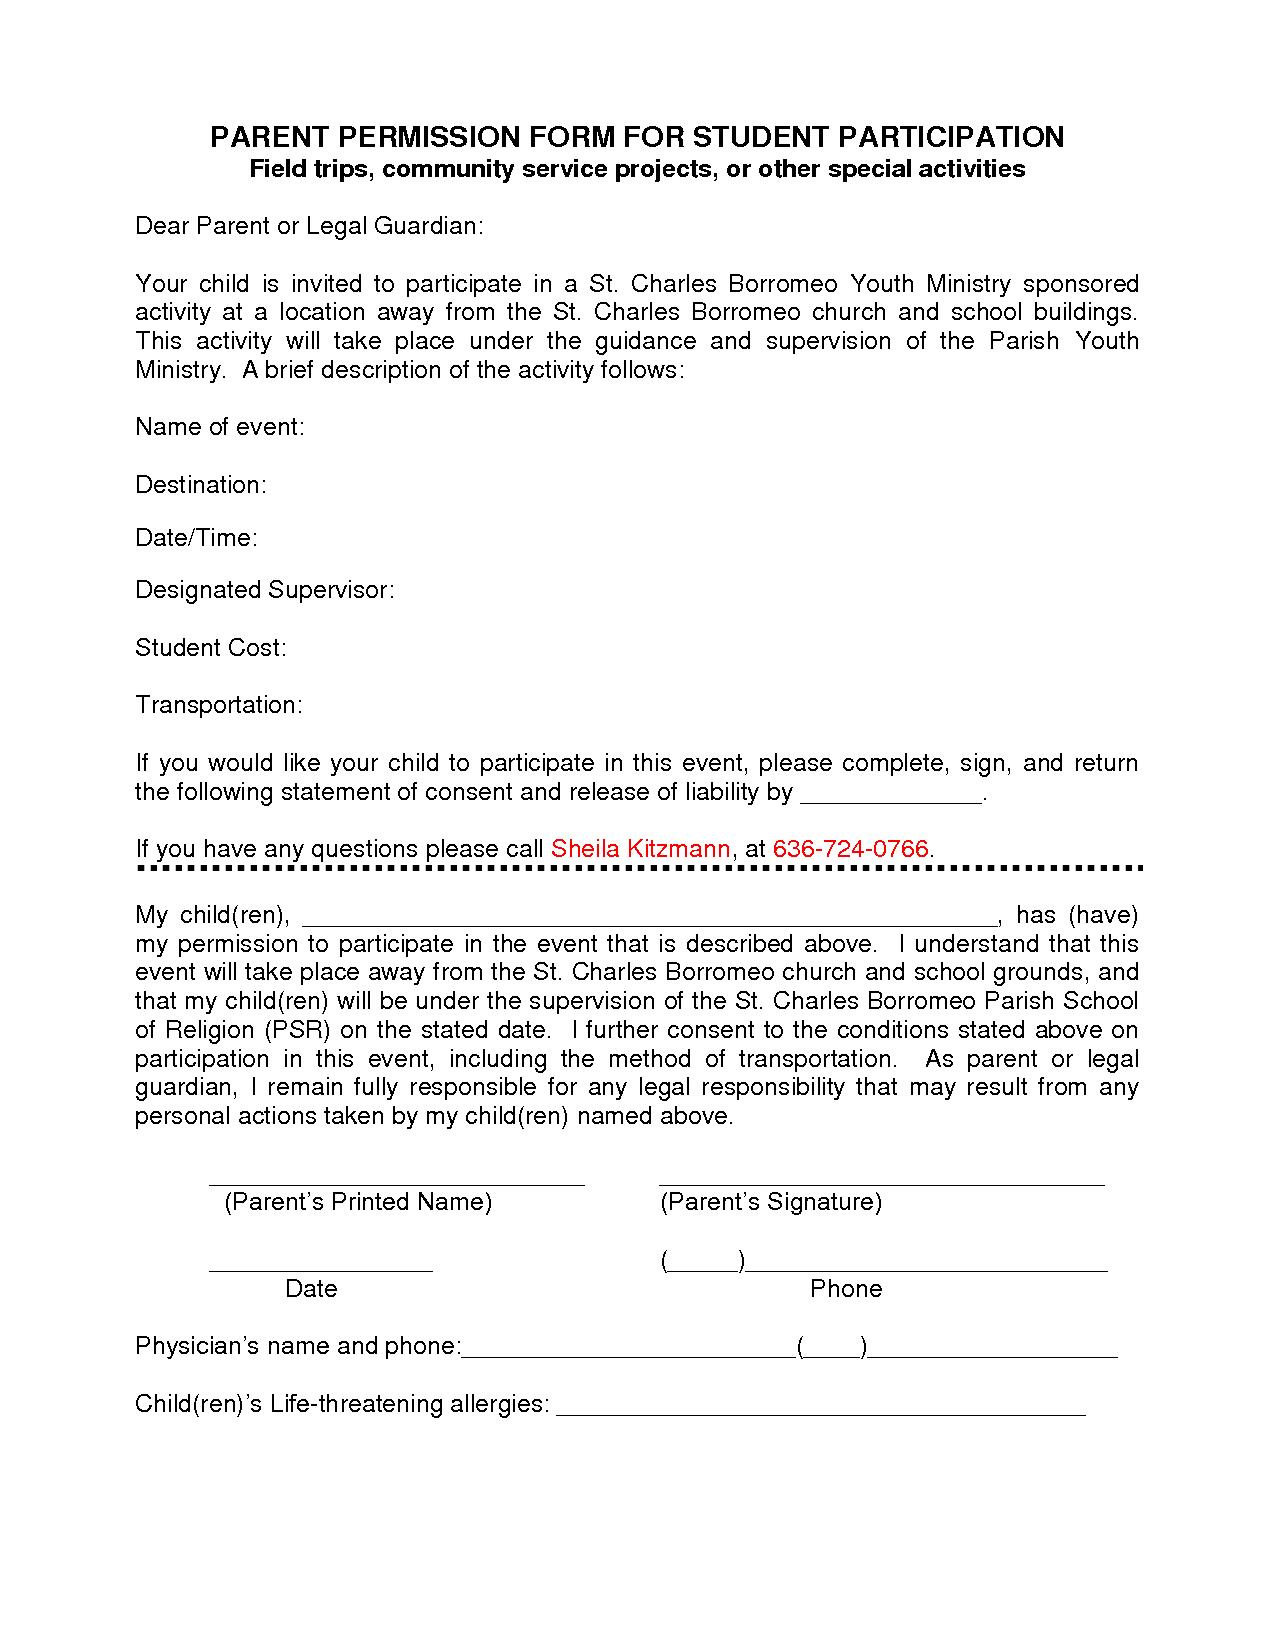 Participation Form Template